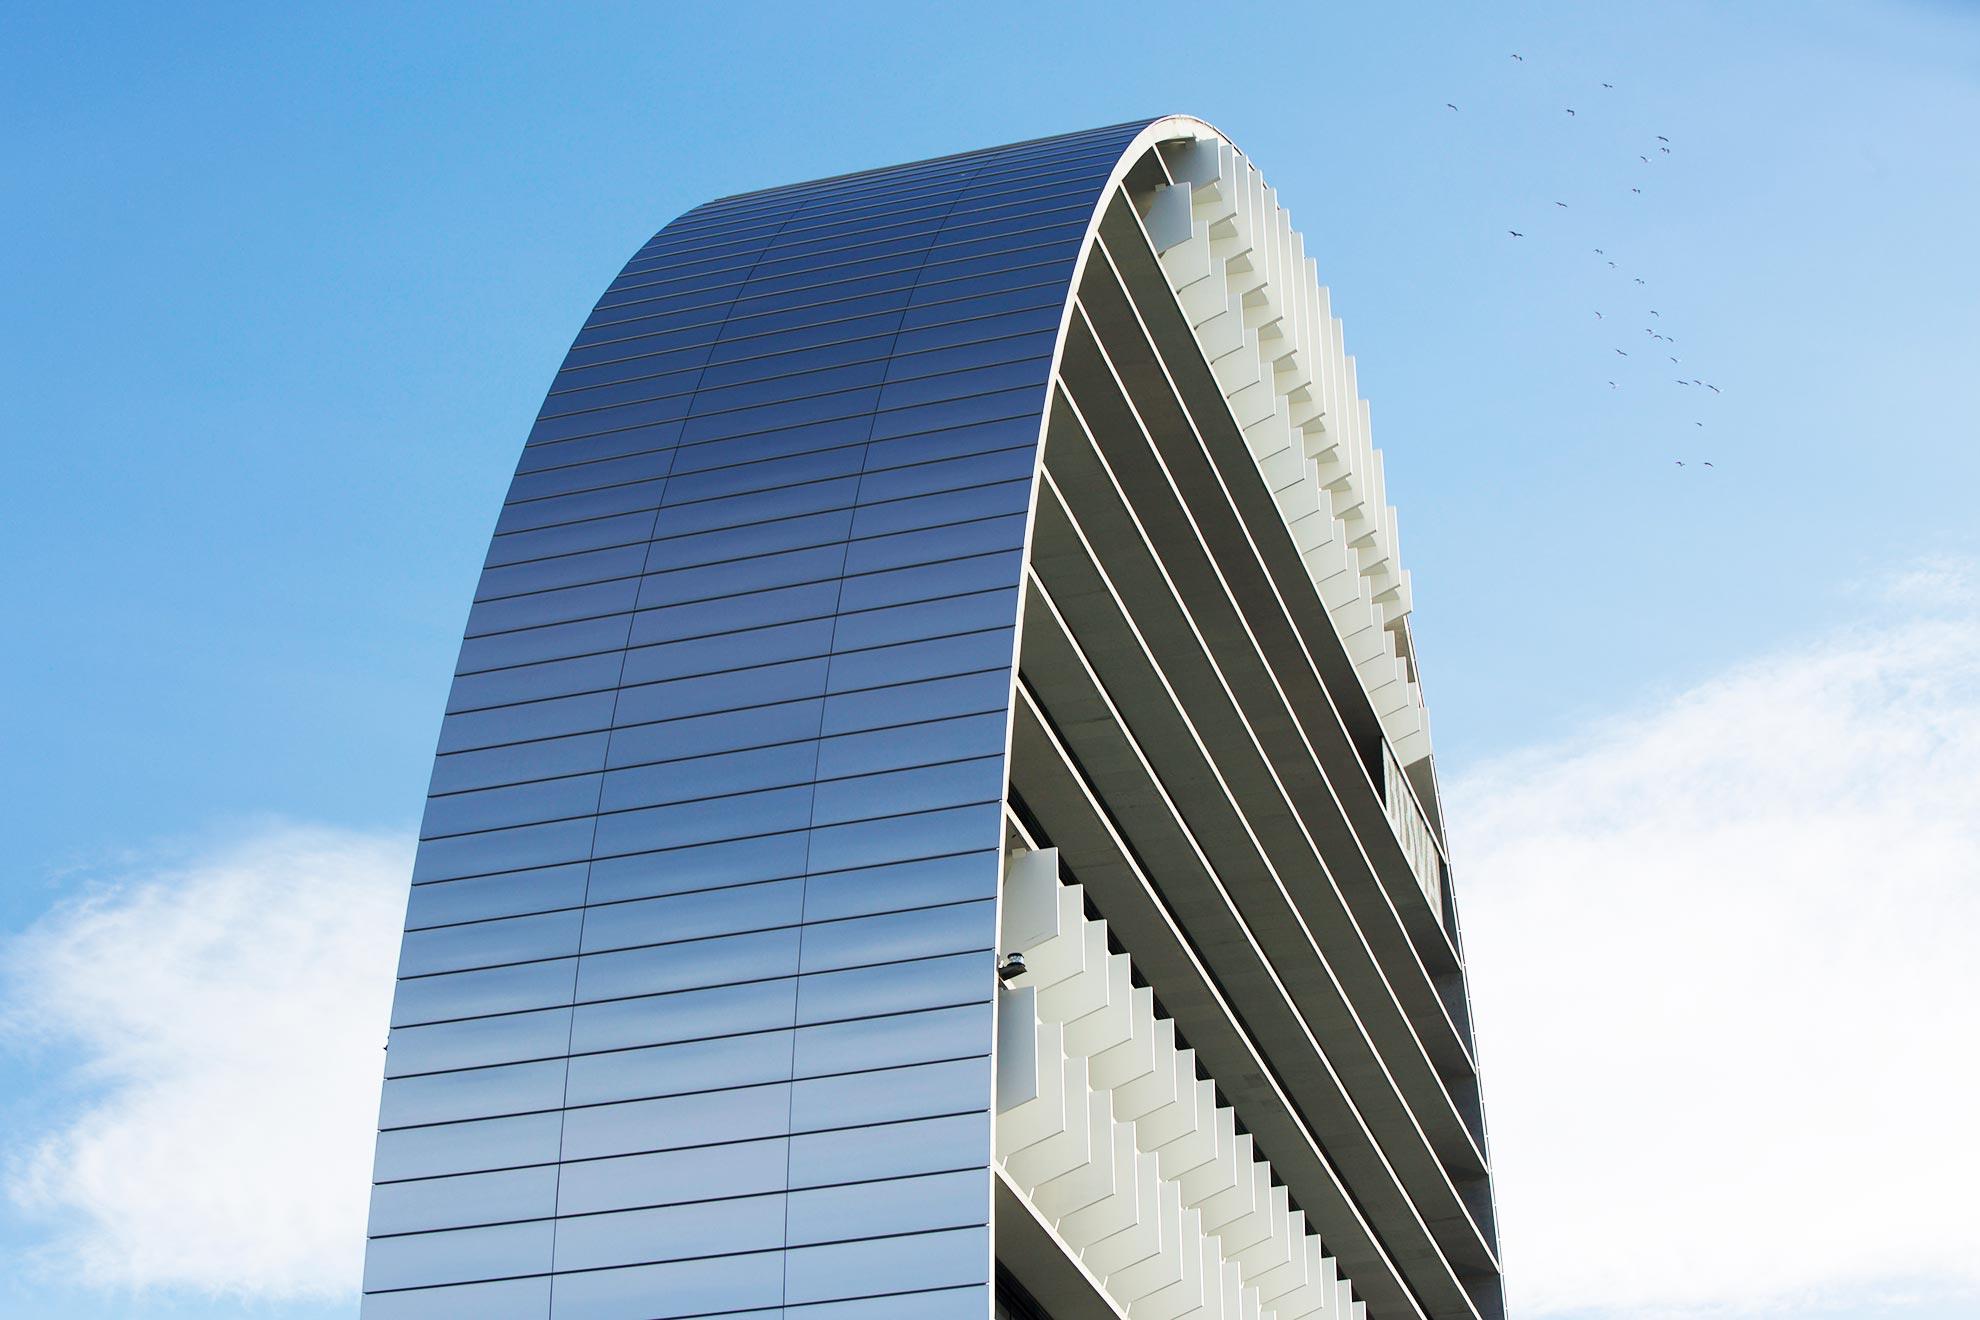 BBVA-HQ-Madrid-Spain_001-1_1592383426.jpg